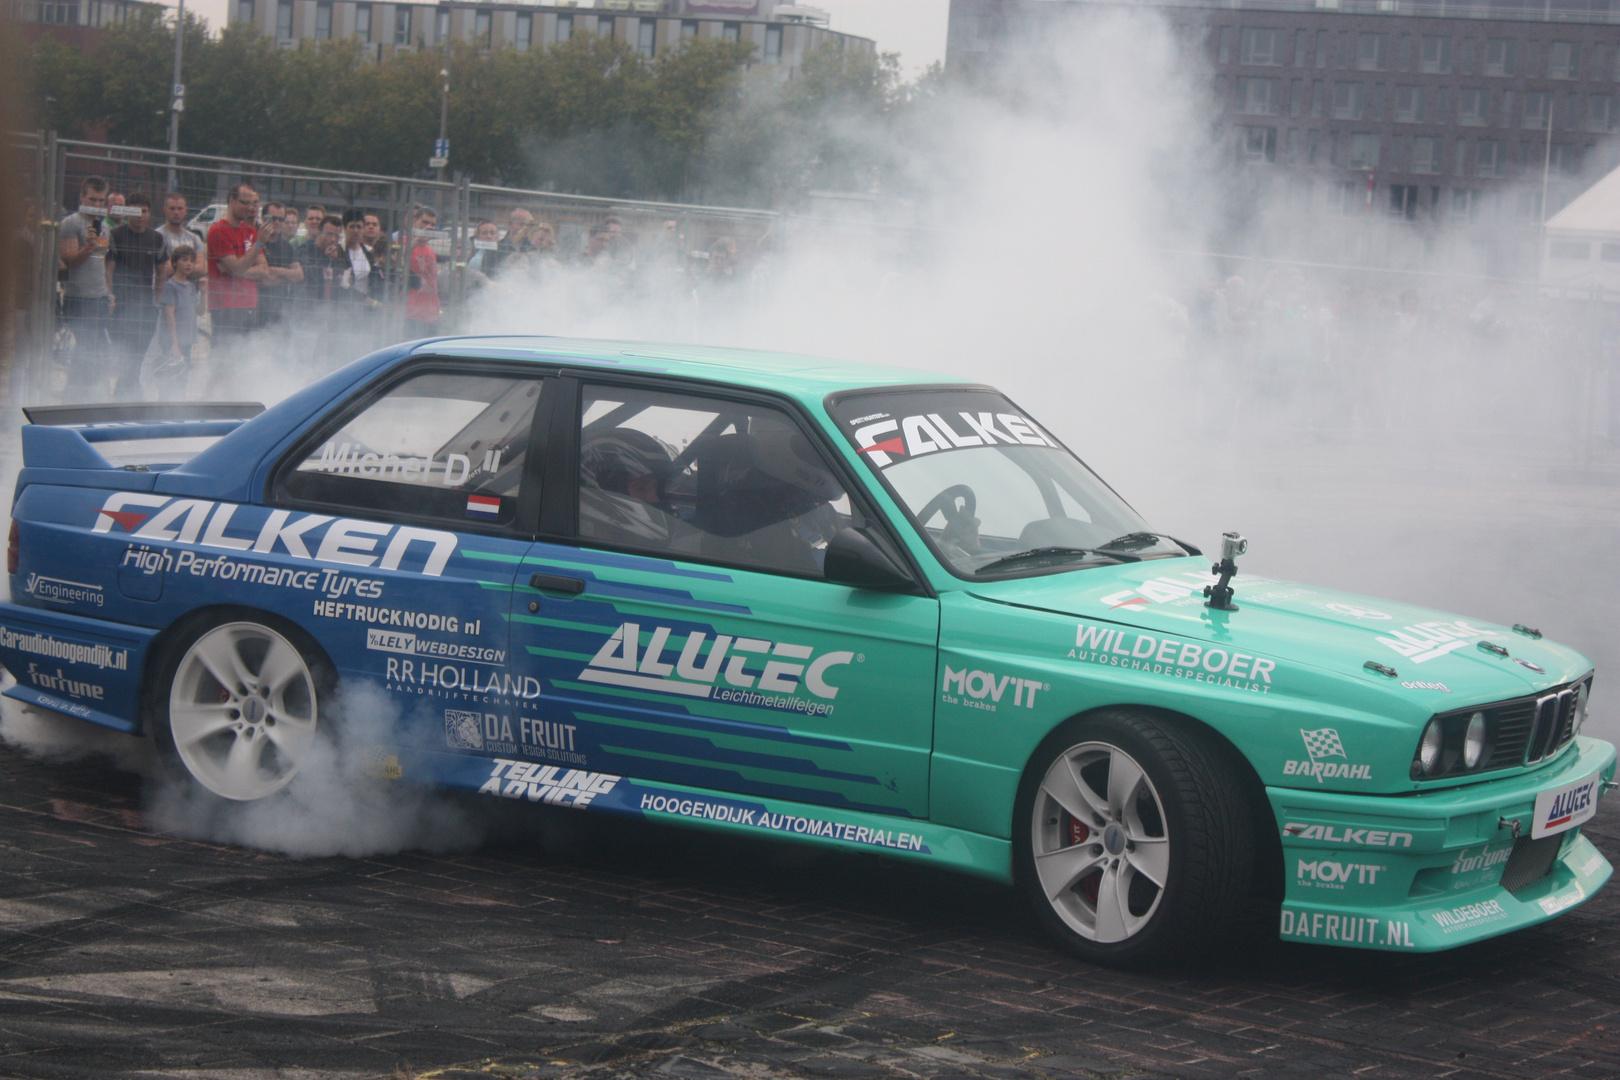 Drift-Show bei einer Car-messe